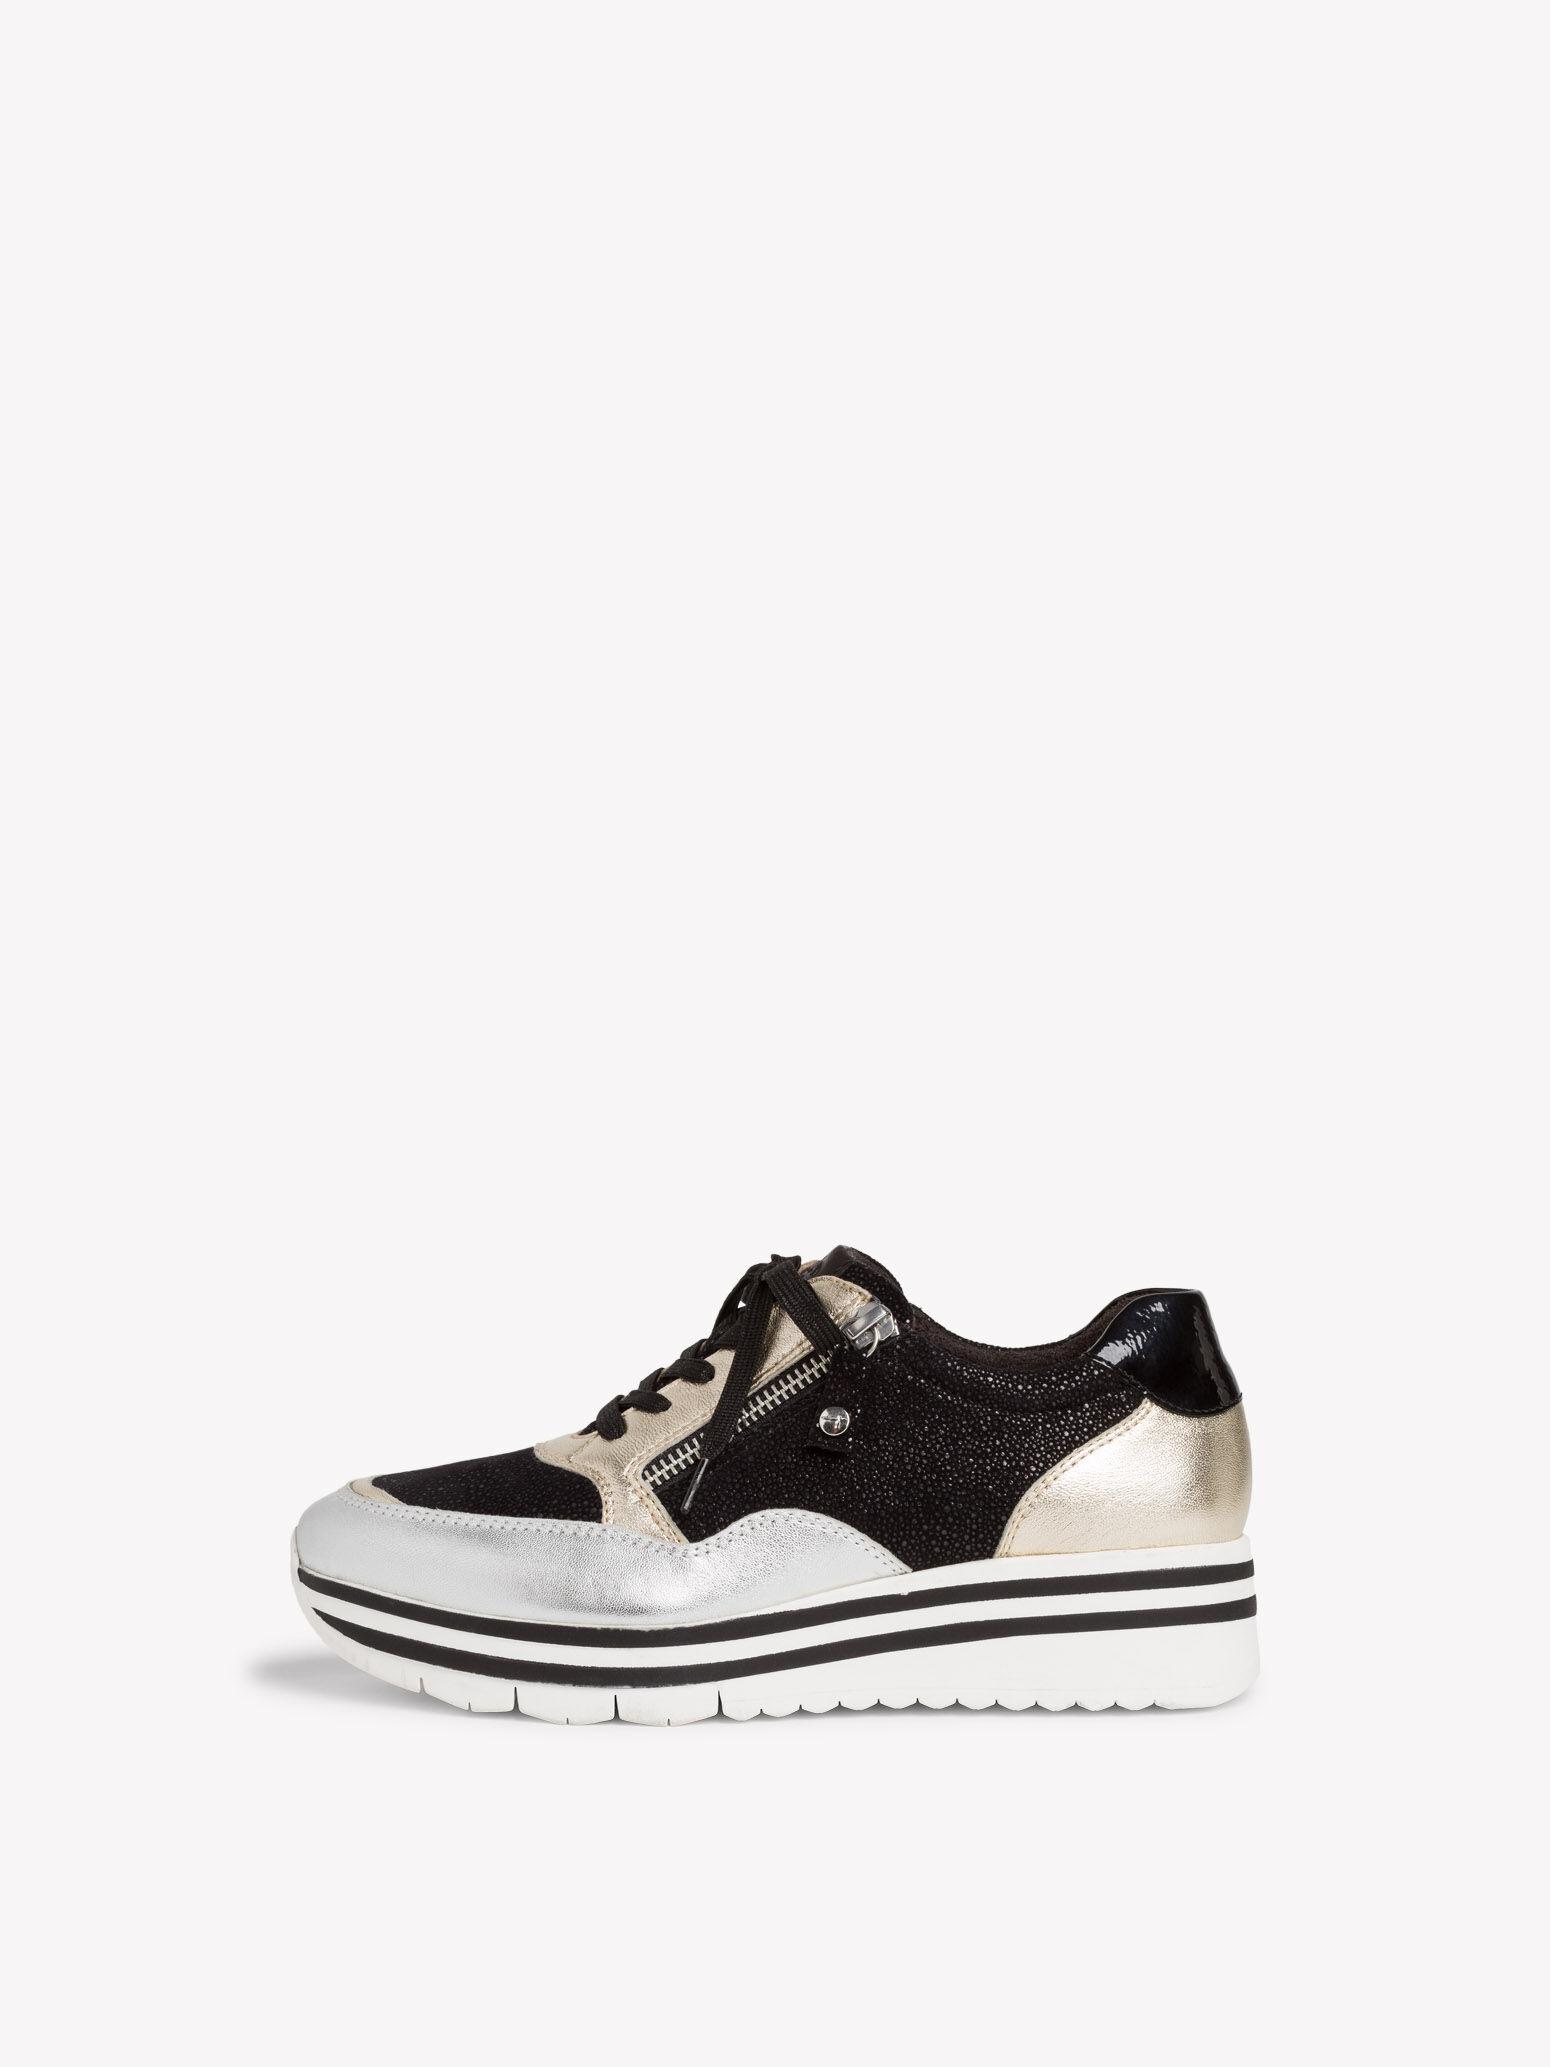 Sneaker für Damen online kaufen Offizieller Tamaris Shop